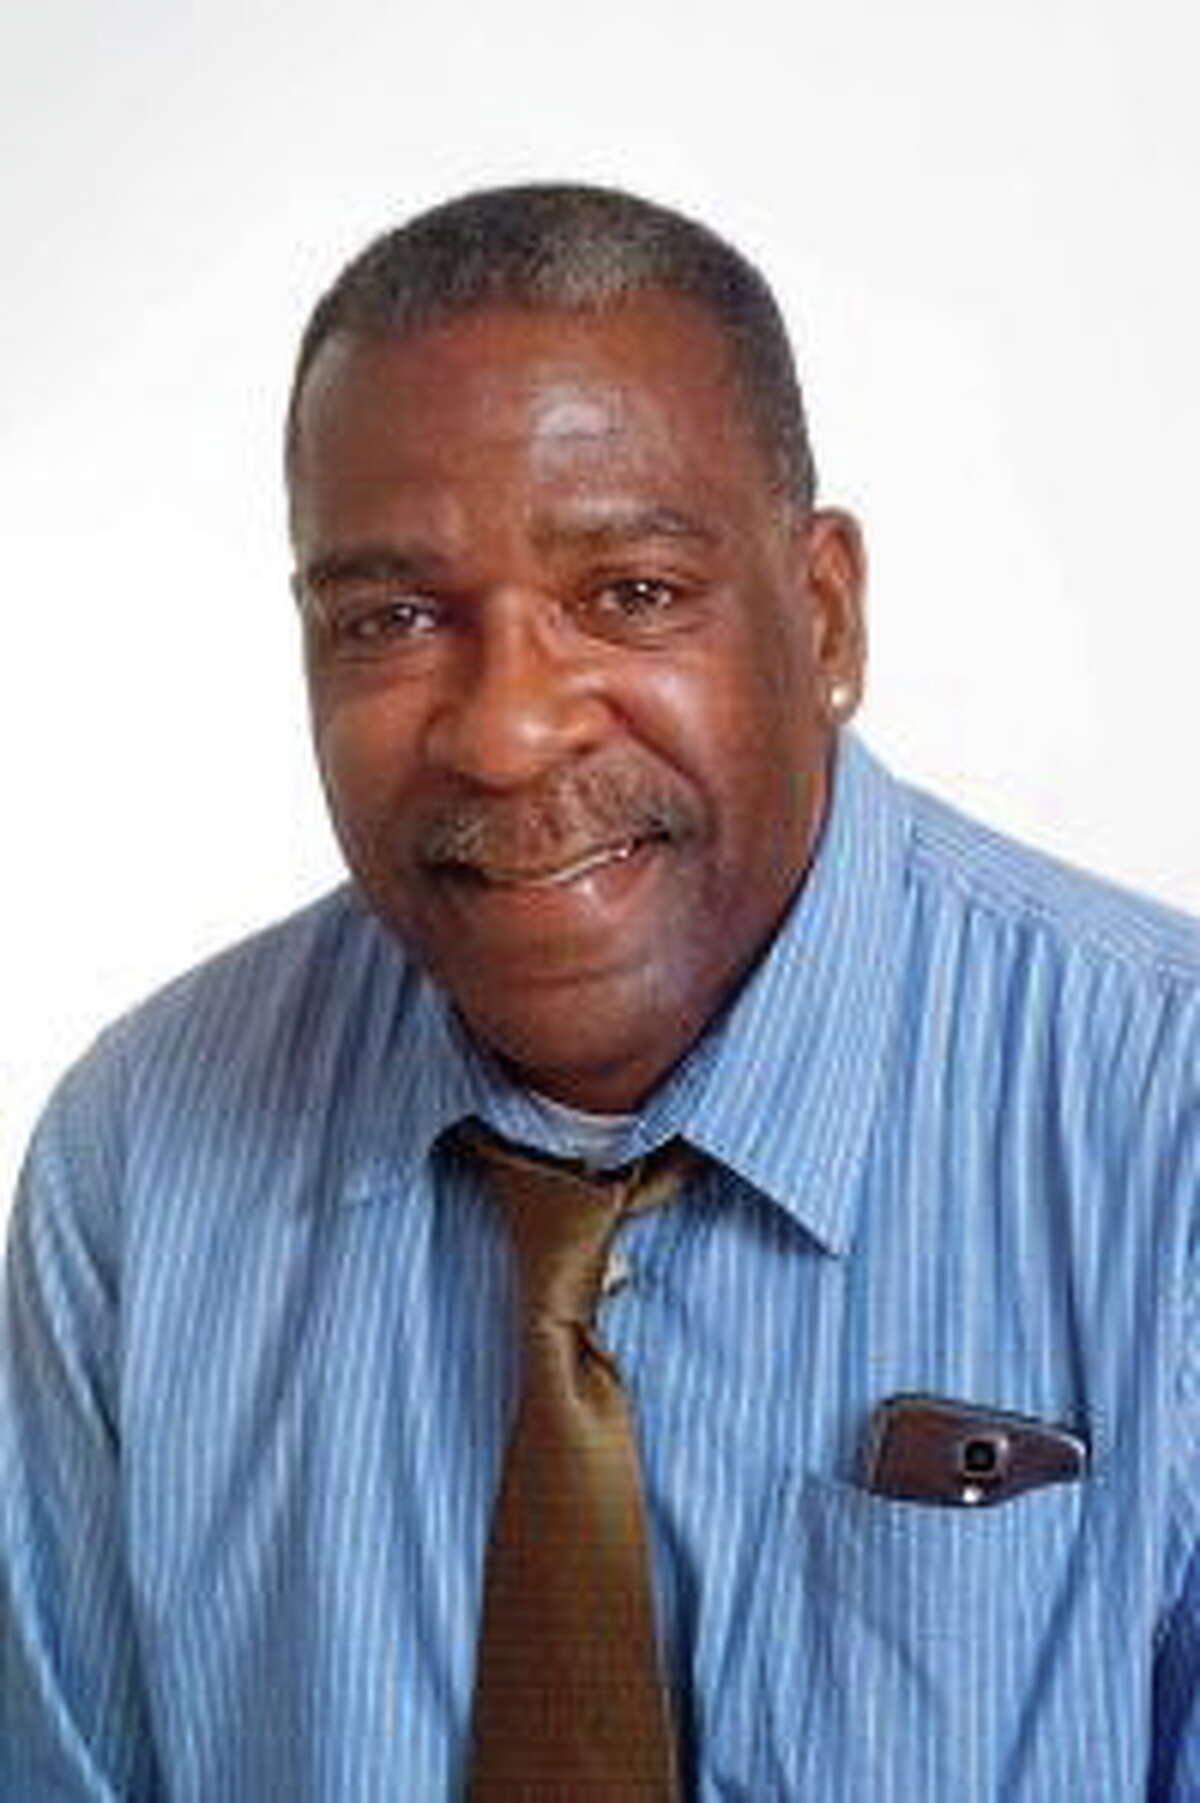 New Haven Register Metro Editor James Walker